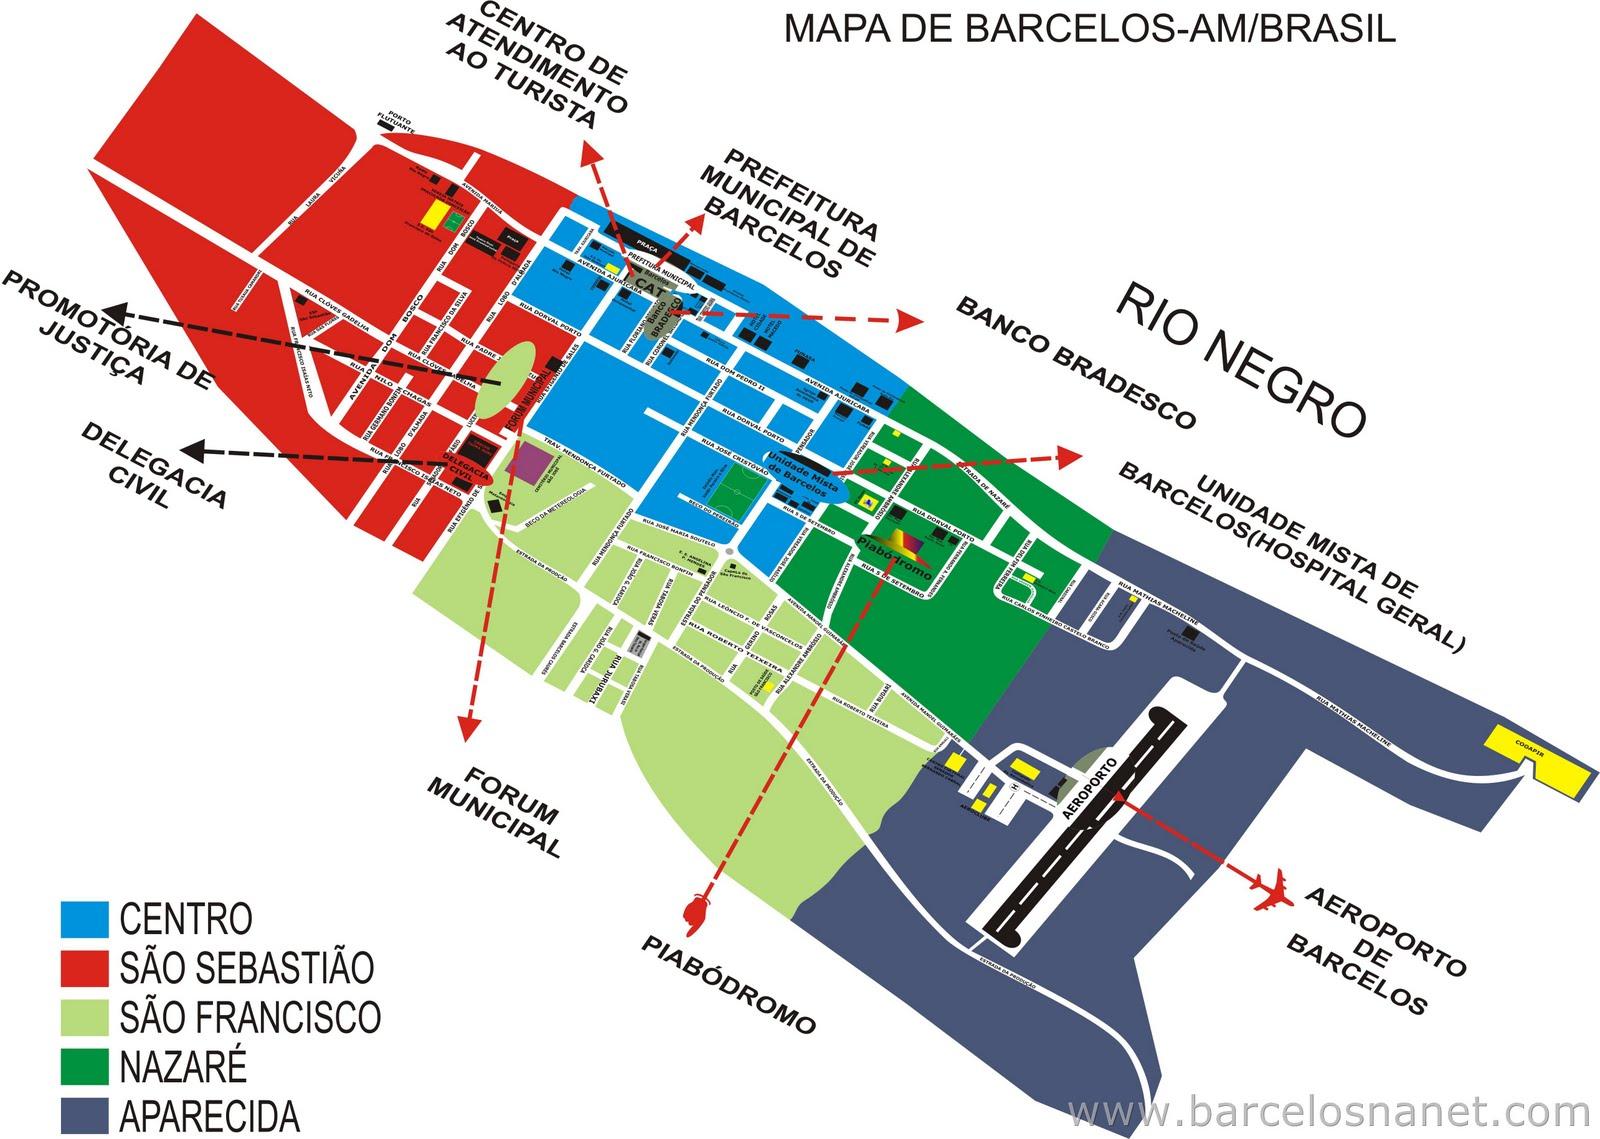 mapa das ruas de barcelos Mapa de Barcelos AM   Blog do Rio Negro   Amazonas mapa das ruas de barcelos